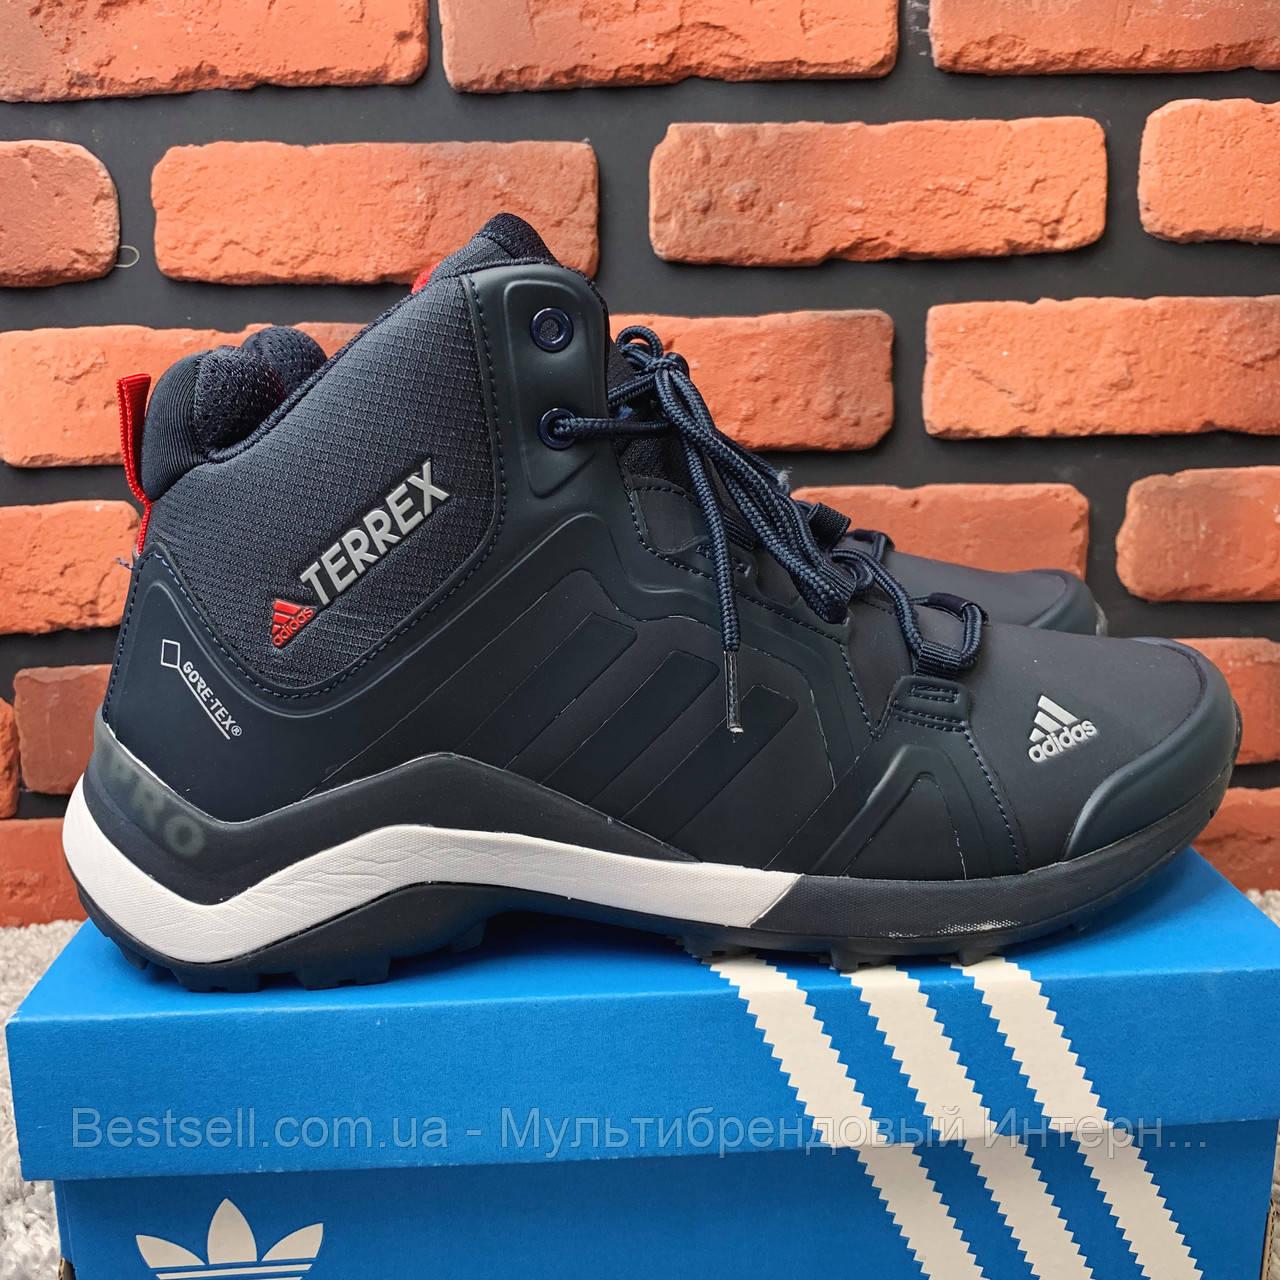 Зимові черевики (на хутрі) Adidas TERREX 3-082 ⏩ [ 44 останній розмір ]